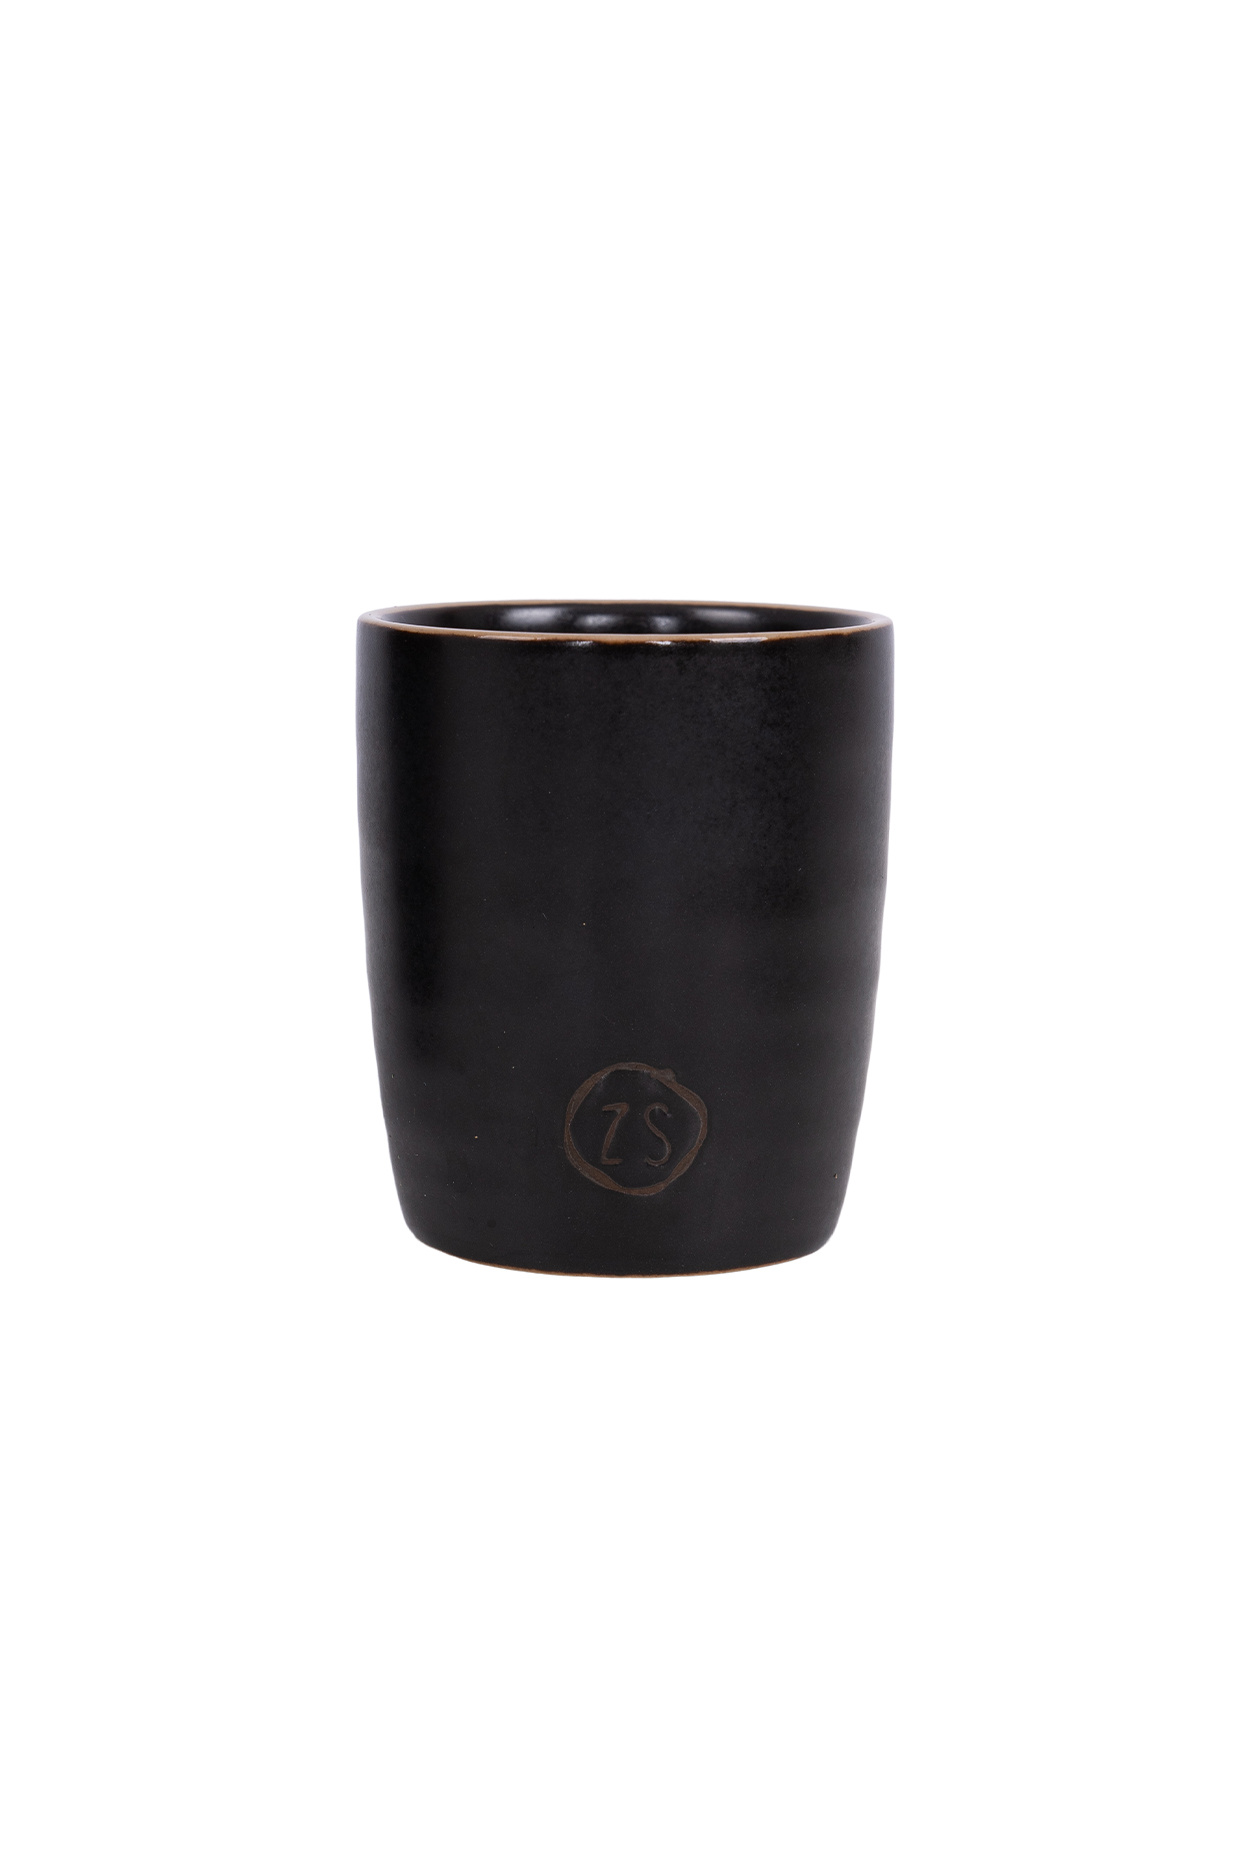 Zusss Espresso kopje aardewerk -  zwart